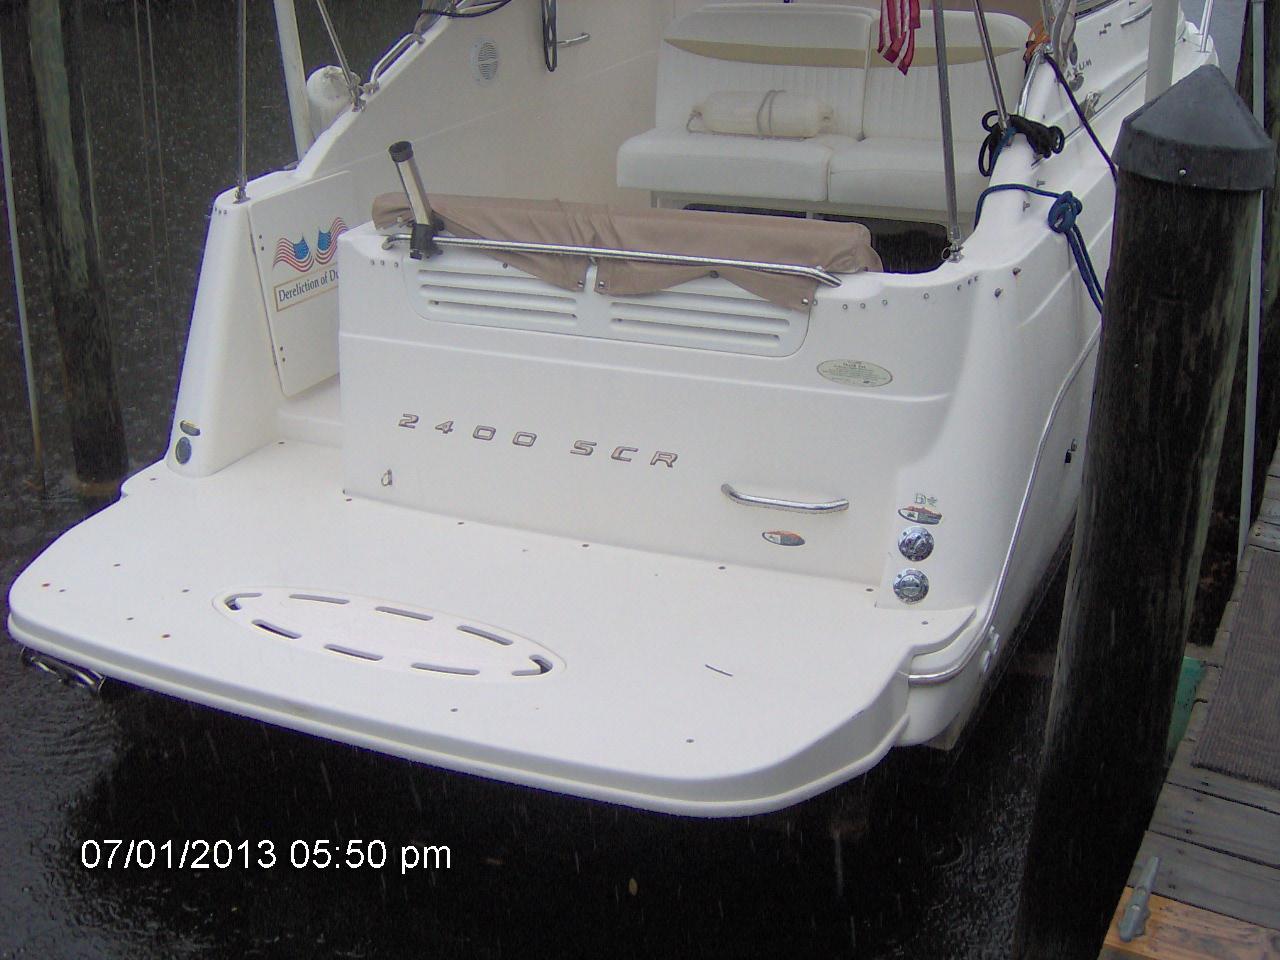 2400 SE Swimplatforms.com